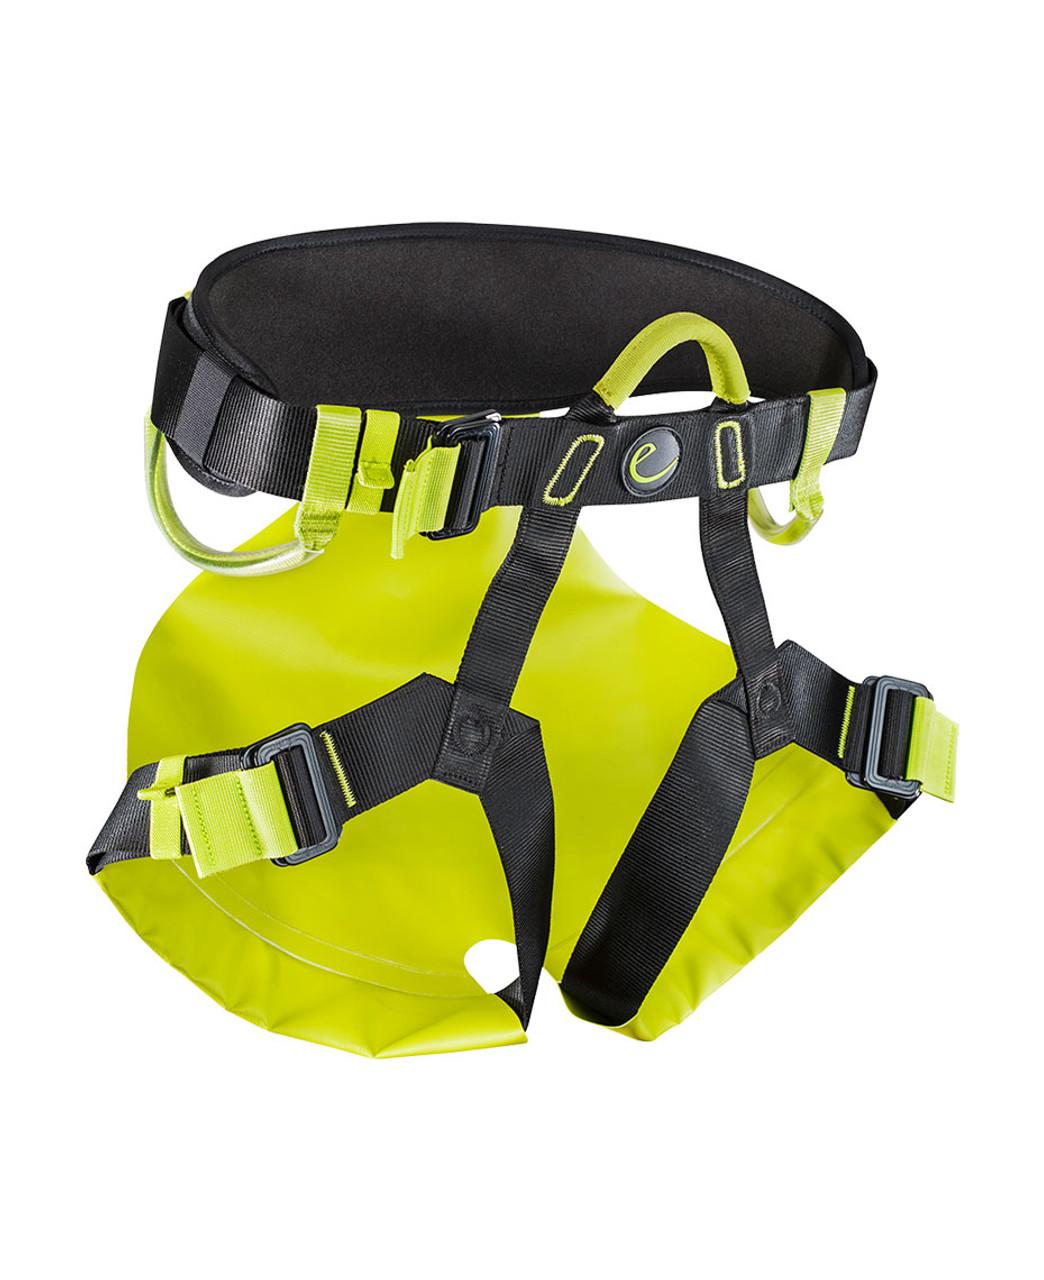 Dhyiklo Hot Shapers Sweat Neoprene Body Shaper Women Slimming Push Up Vest Waist Trainer Corset Blue S China